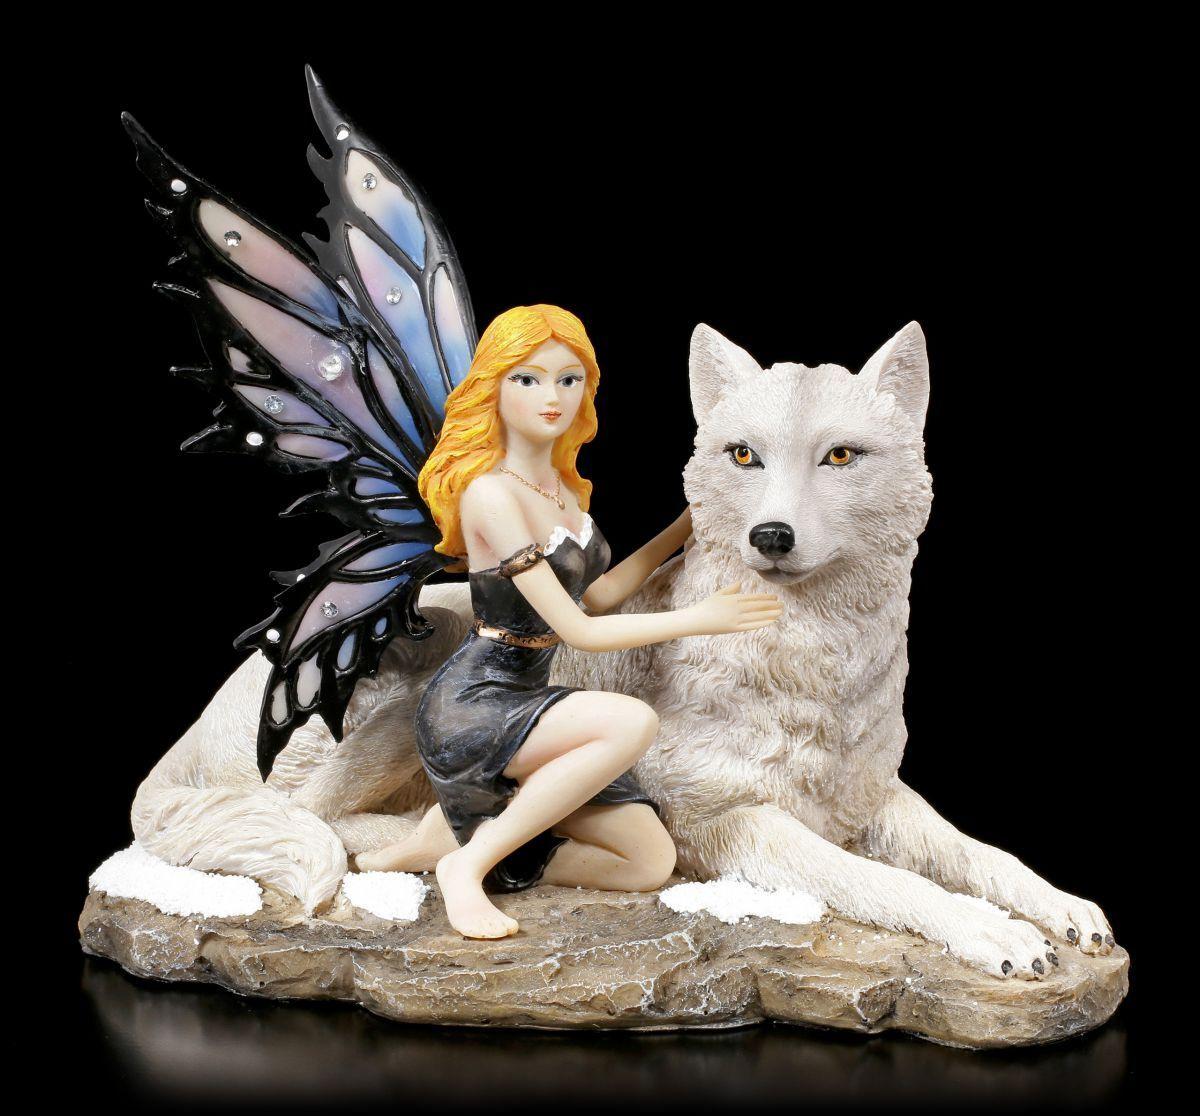 Figura Elfos - Anhia con blancoa Lobo - Fantasy Hada Estatua Decoración